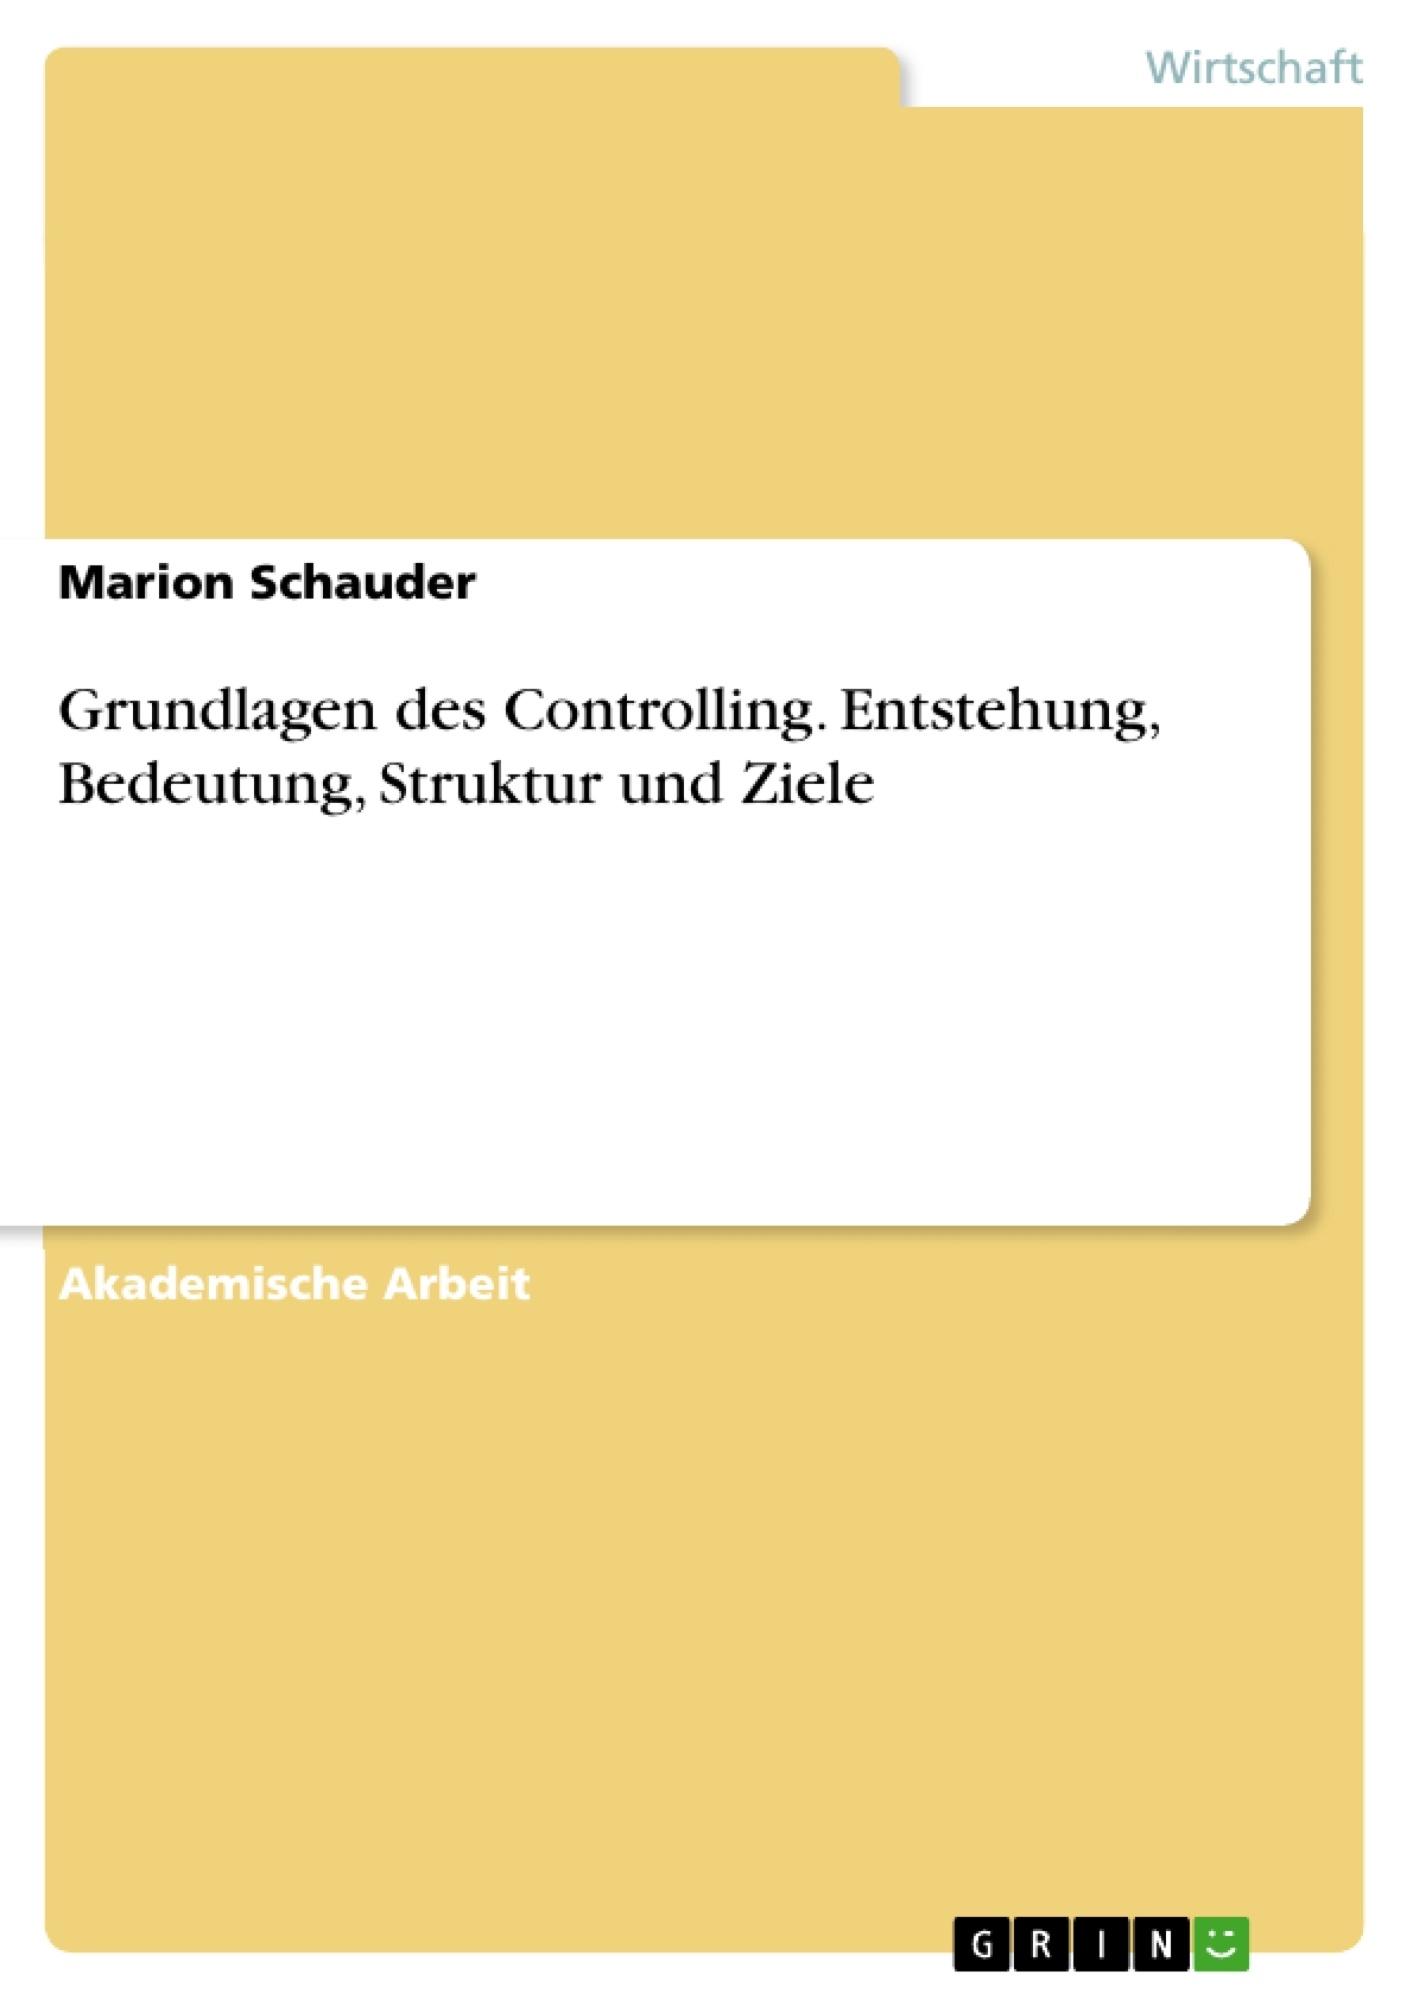 Titel: Grundlagen des Controlling. Entstehung, Bedeutung, Struktur und Ziele